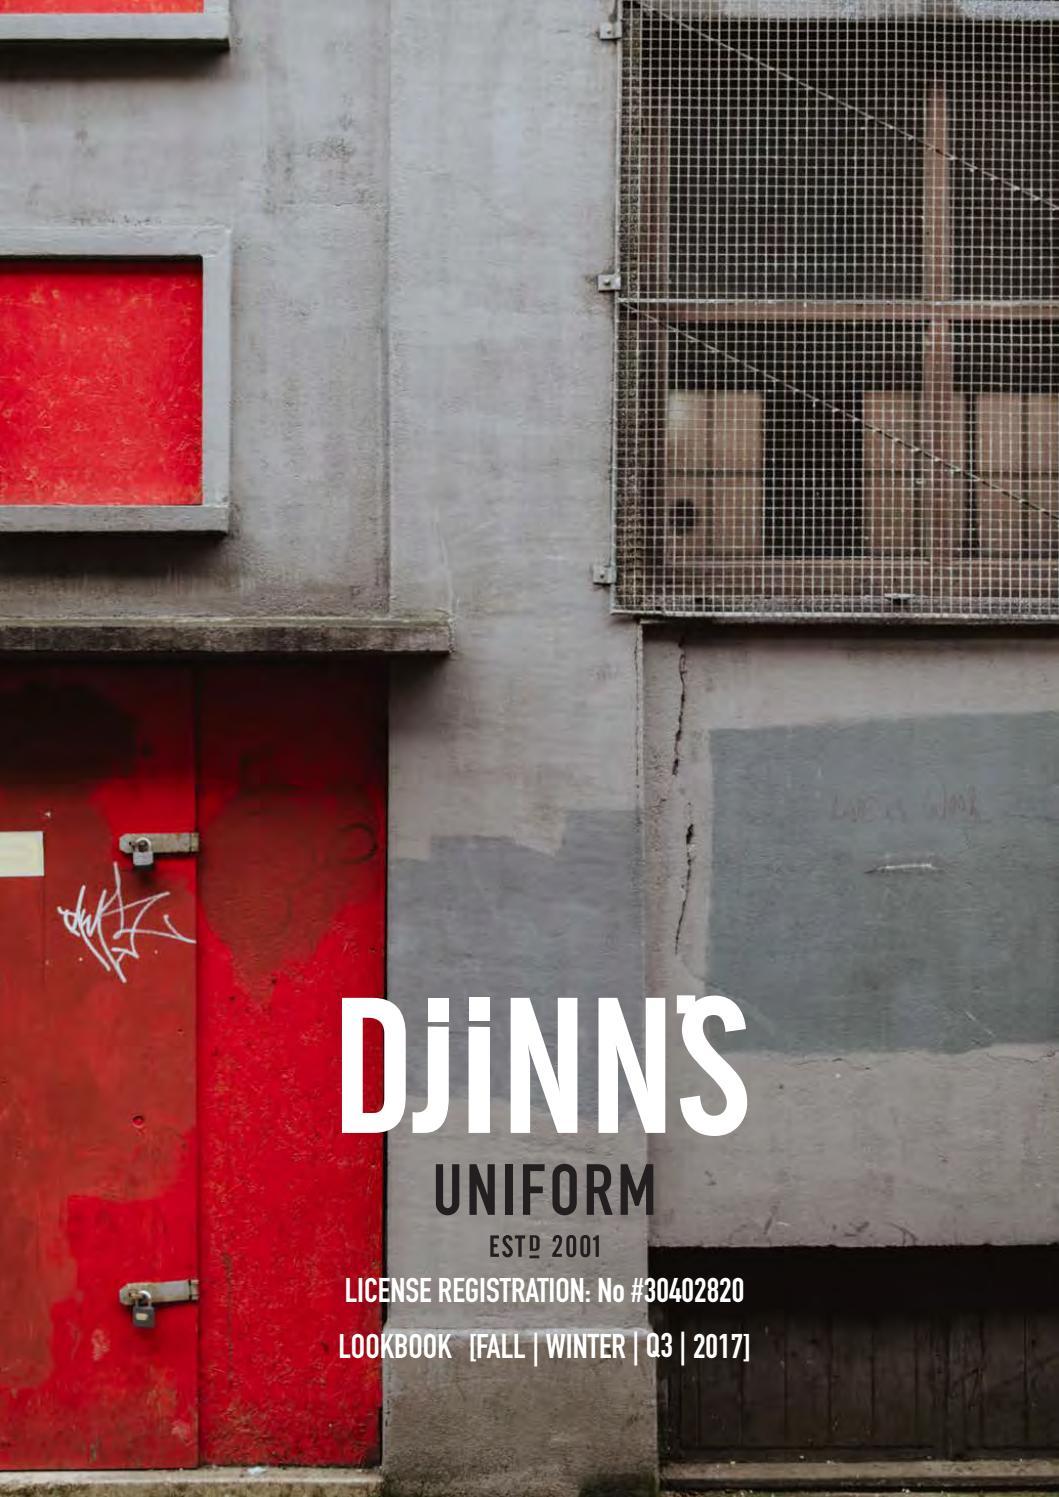 DJINN'S Lookbook FallWinter Q3 2017 by DJINNS issuu